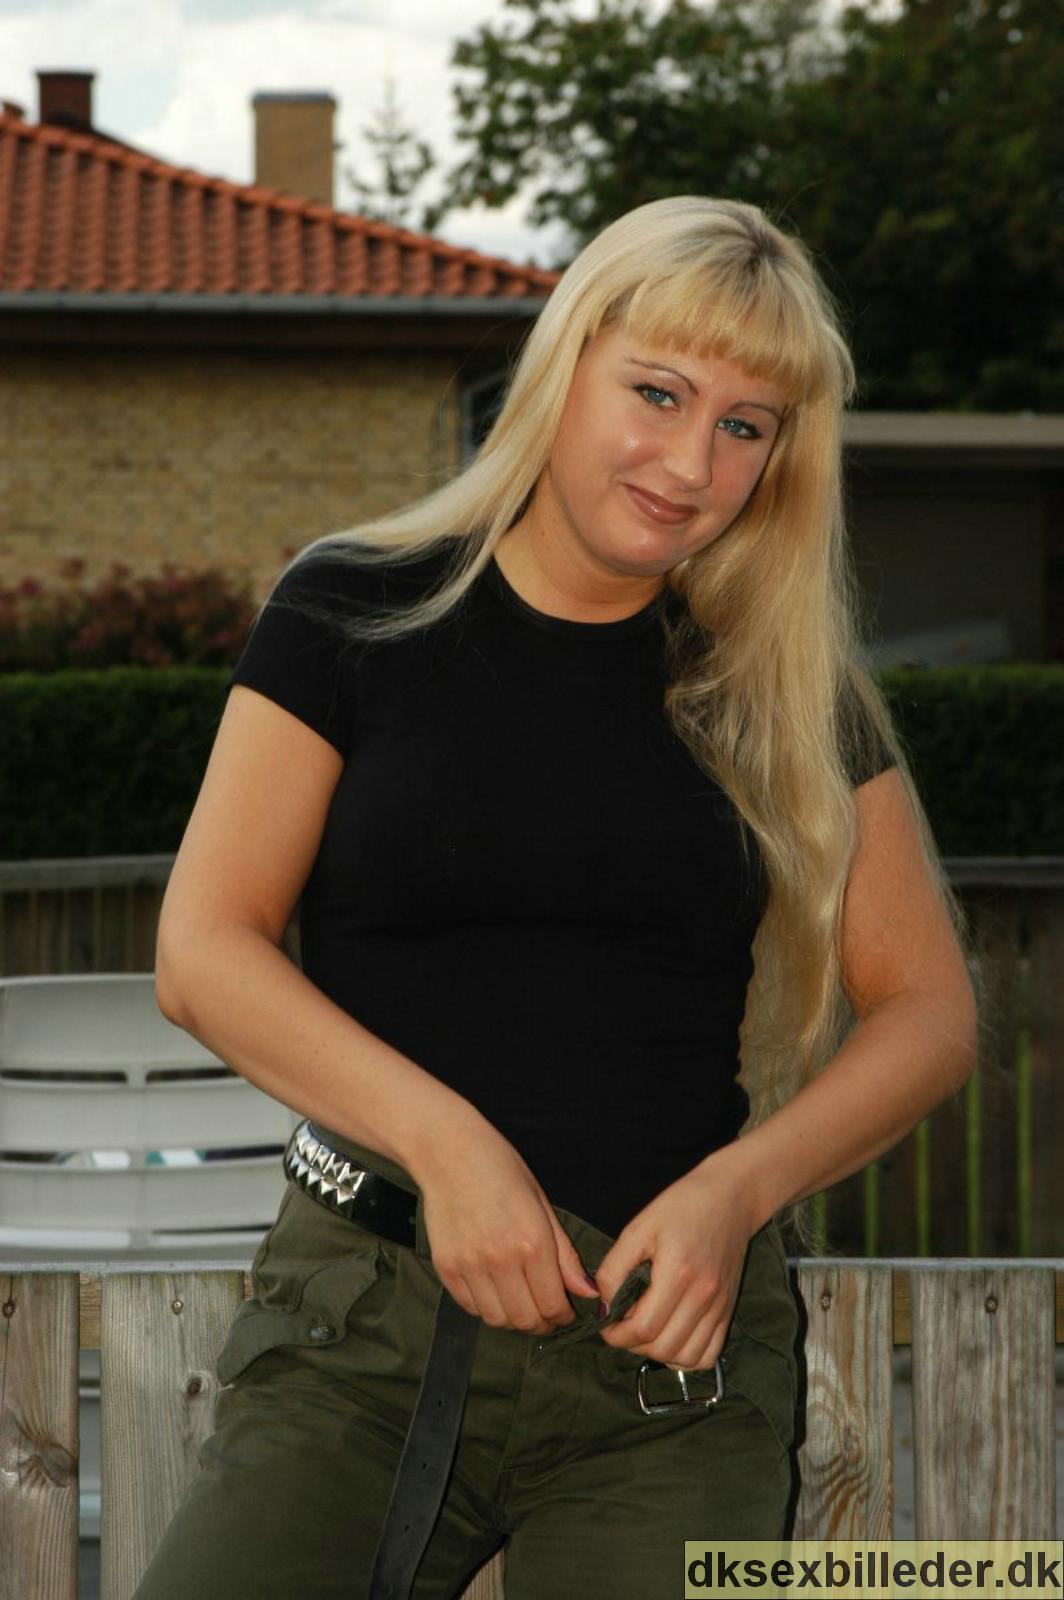 MMA-kæmper i fængsel: Tvang 12 kvinder til at gå nøgne – Ekstra Bladet